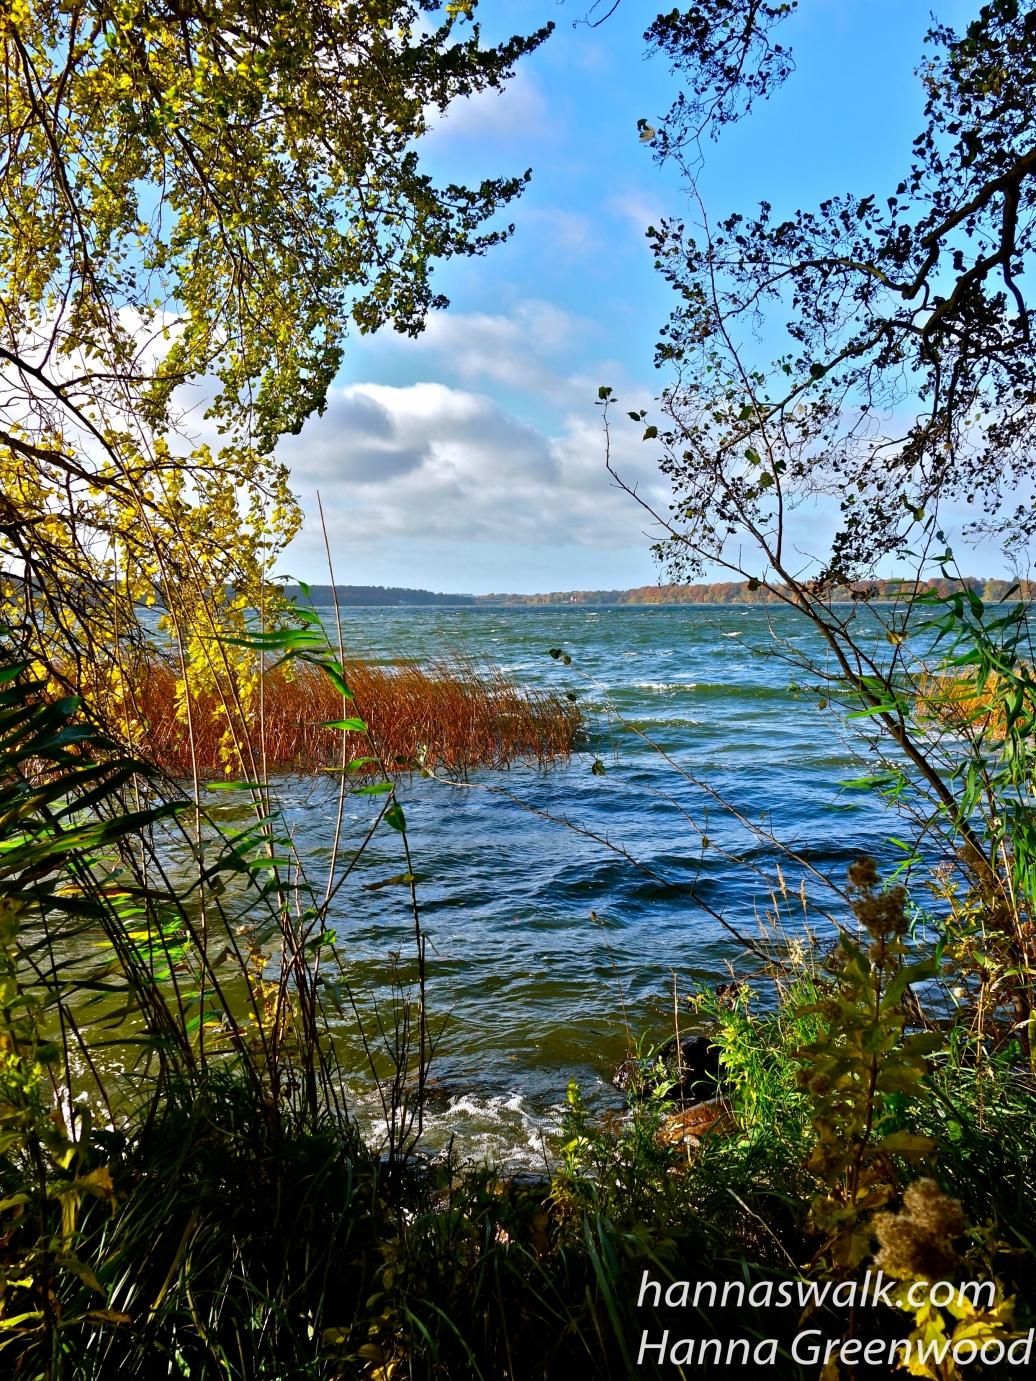 Ved furesøen, Holte